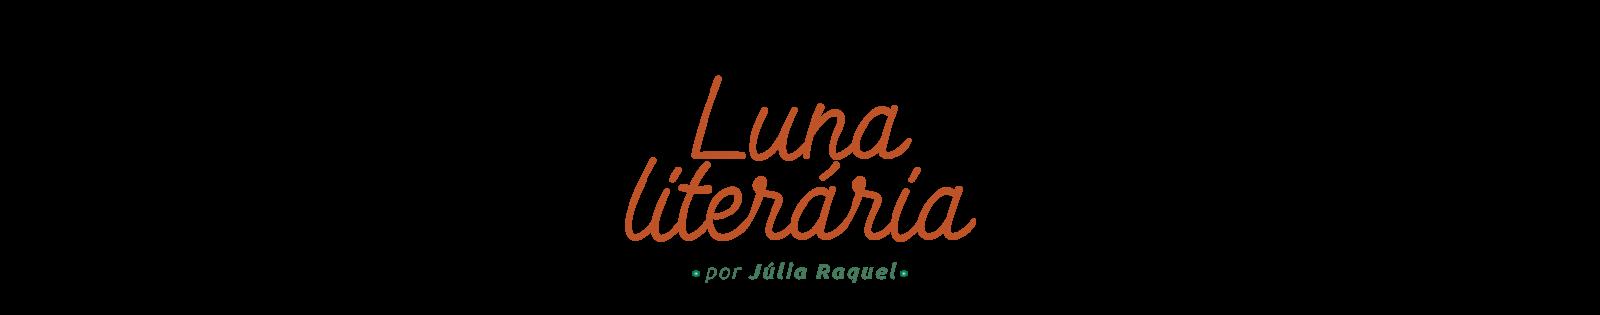 Luna literária